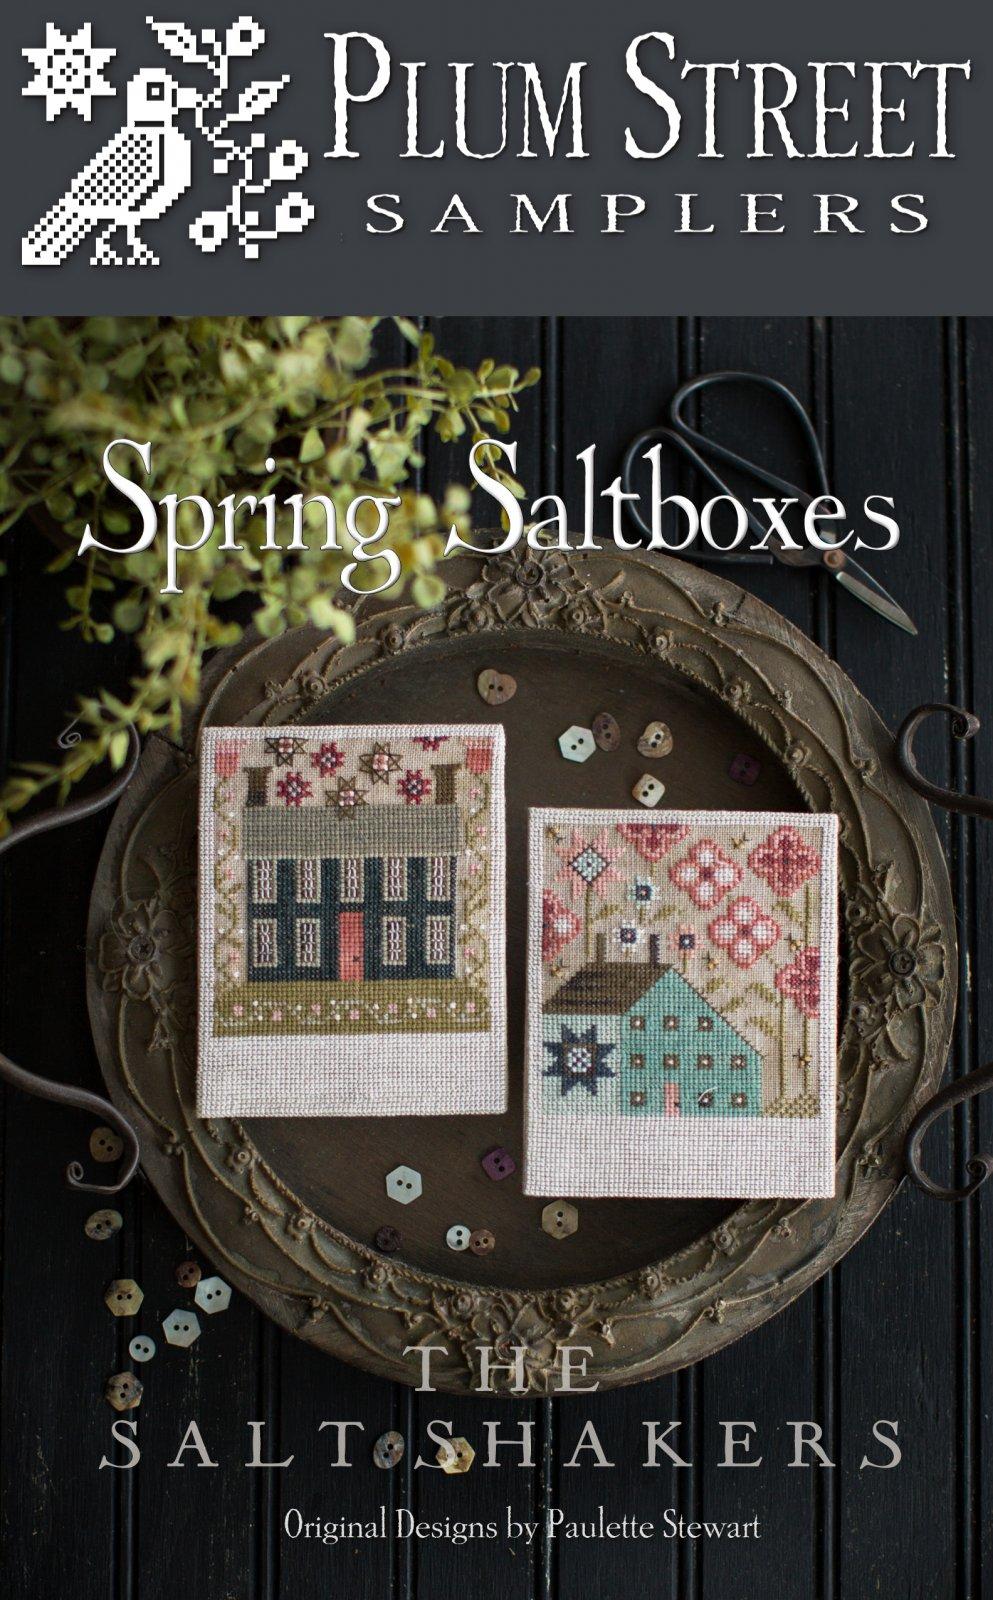 Plum Street Samplers Spring Saltboxes